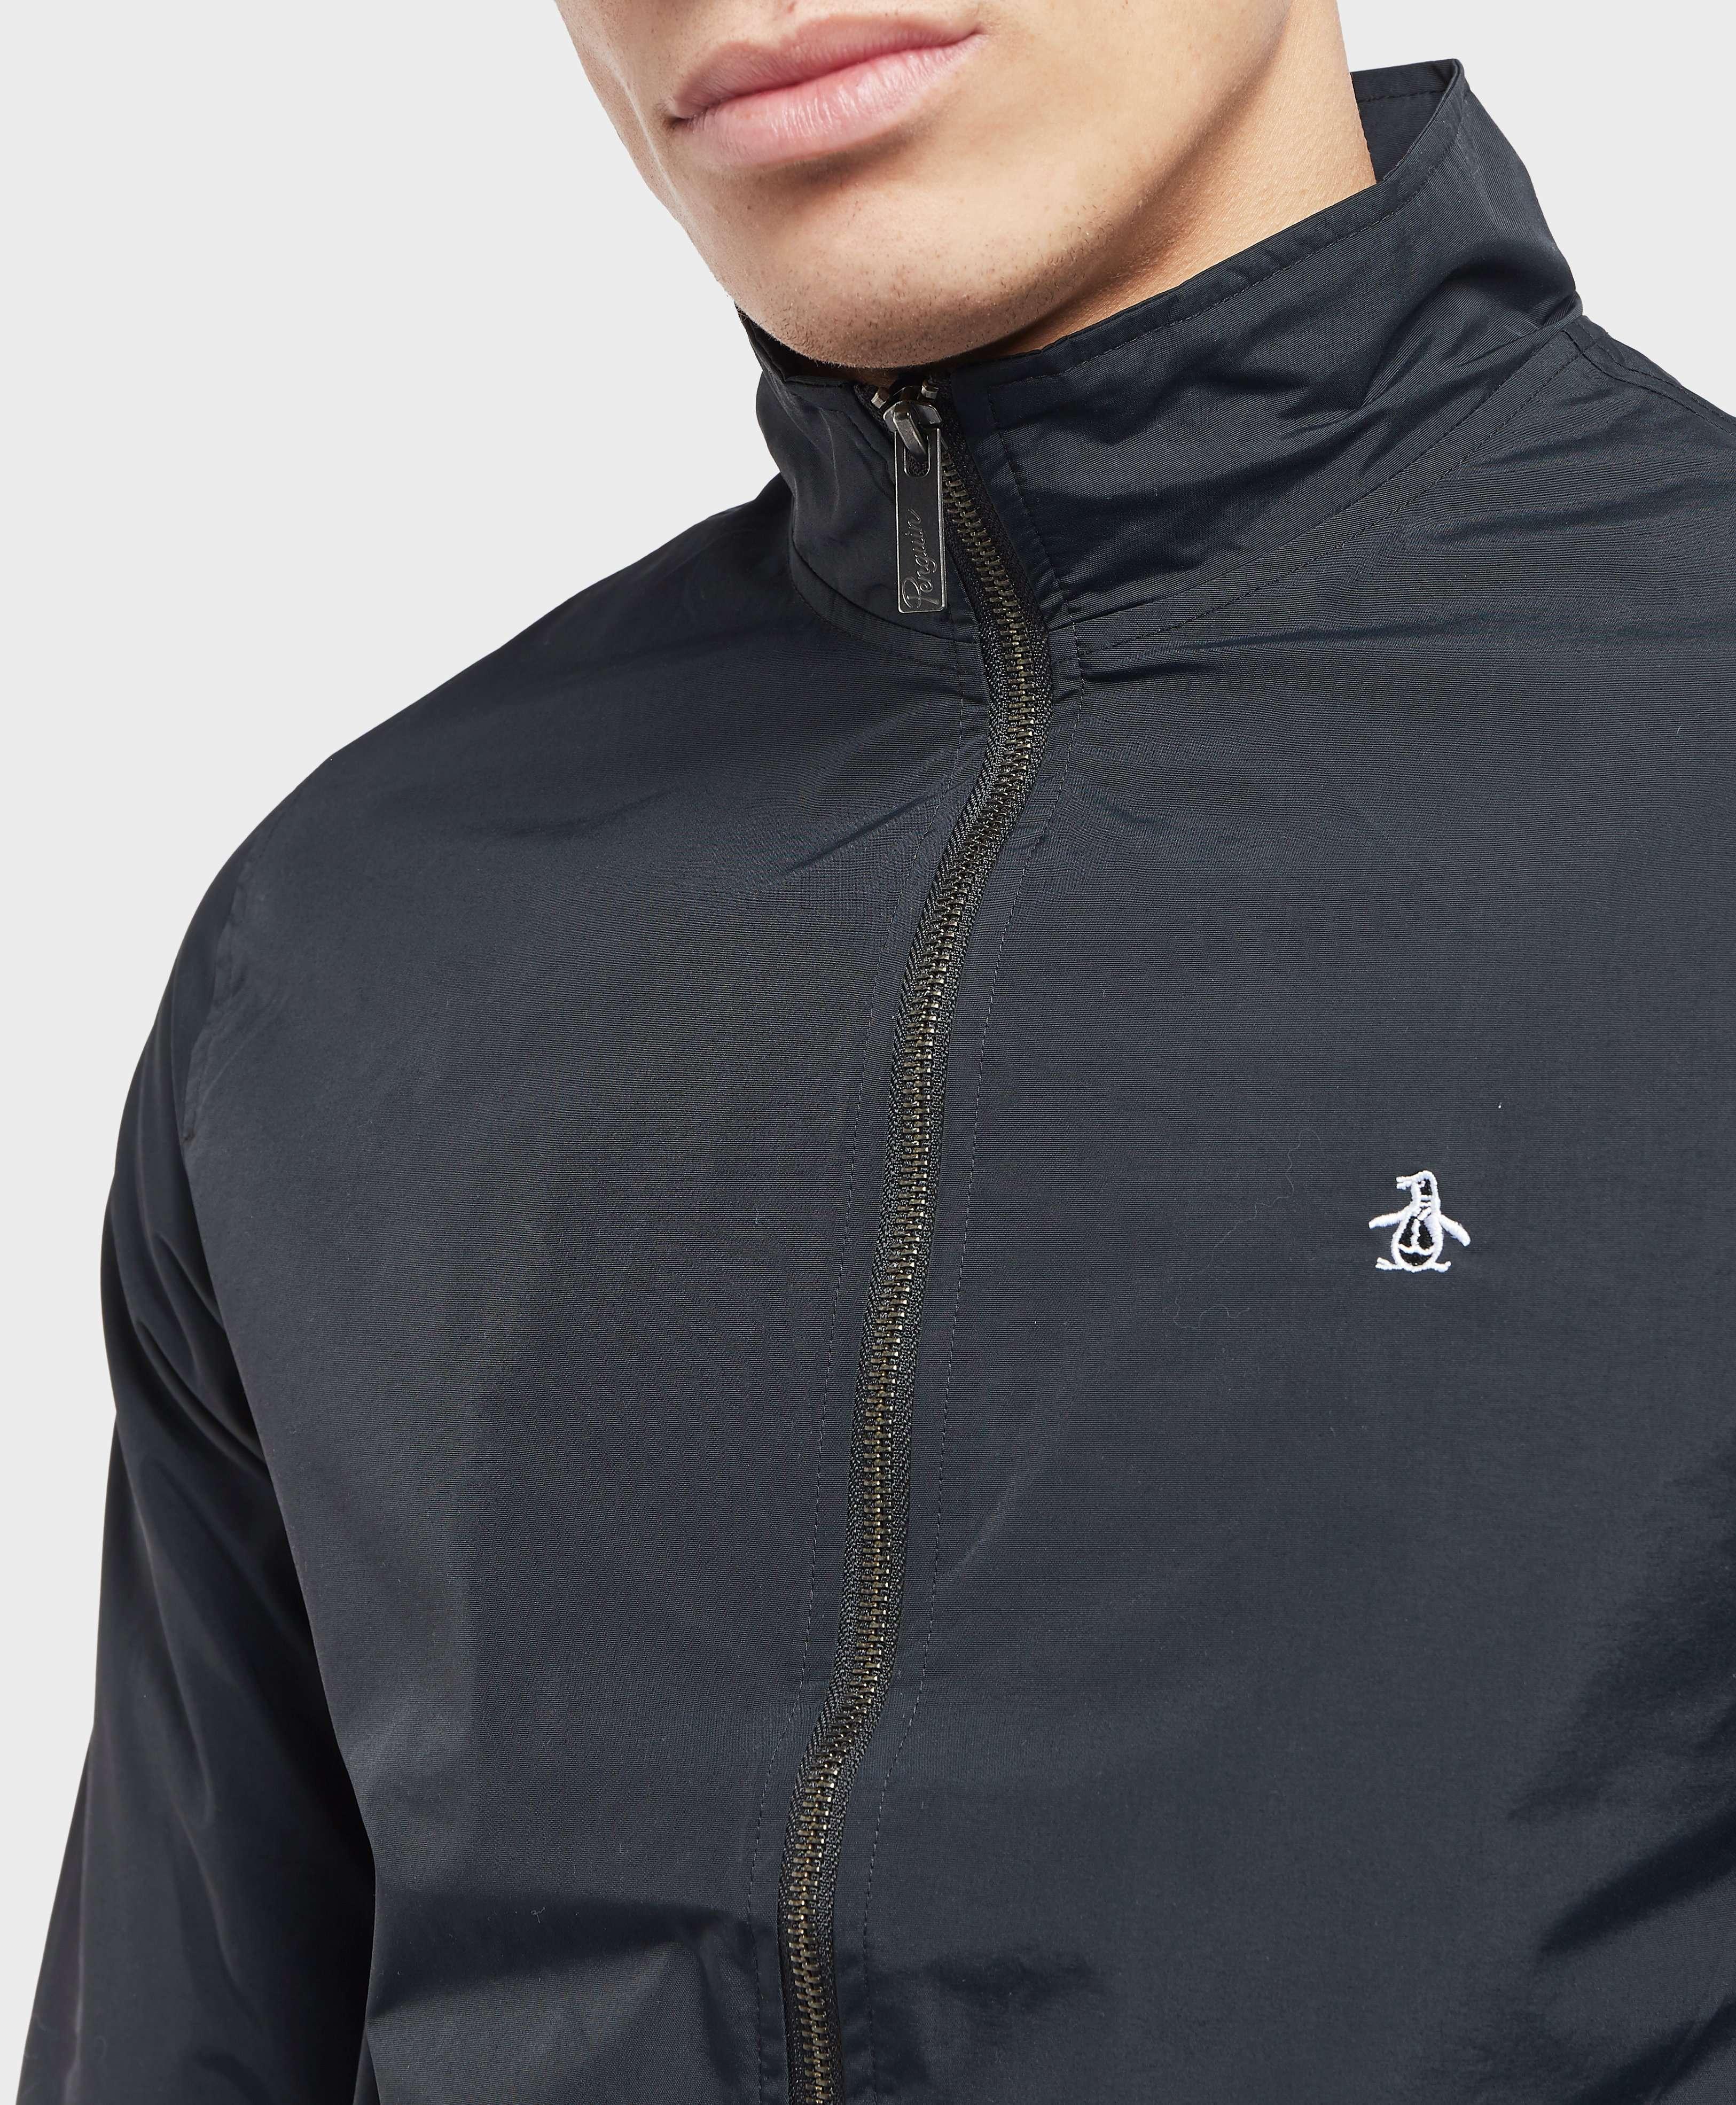 Original Penguin Lightweight Summer Jacket - Online Exclusive